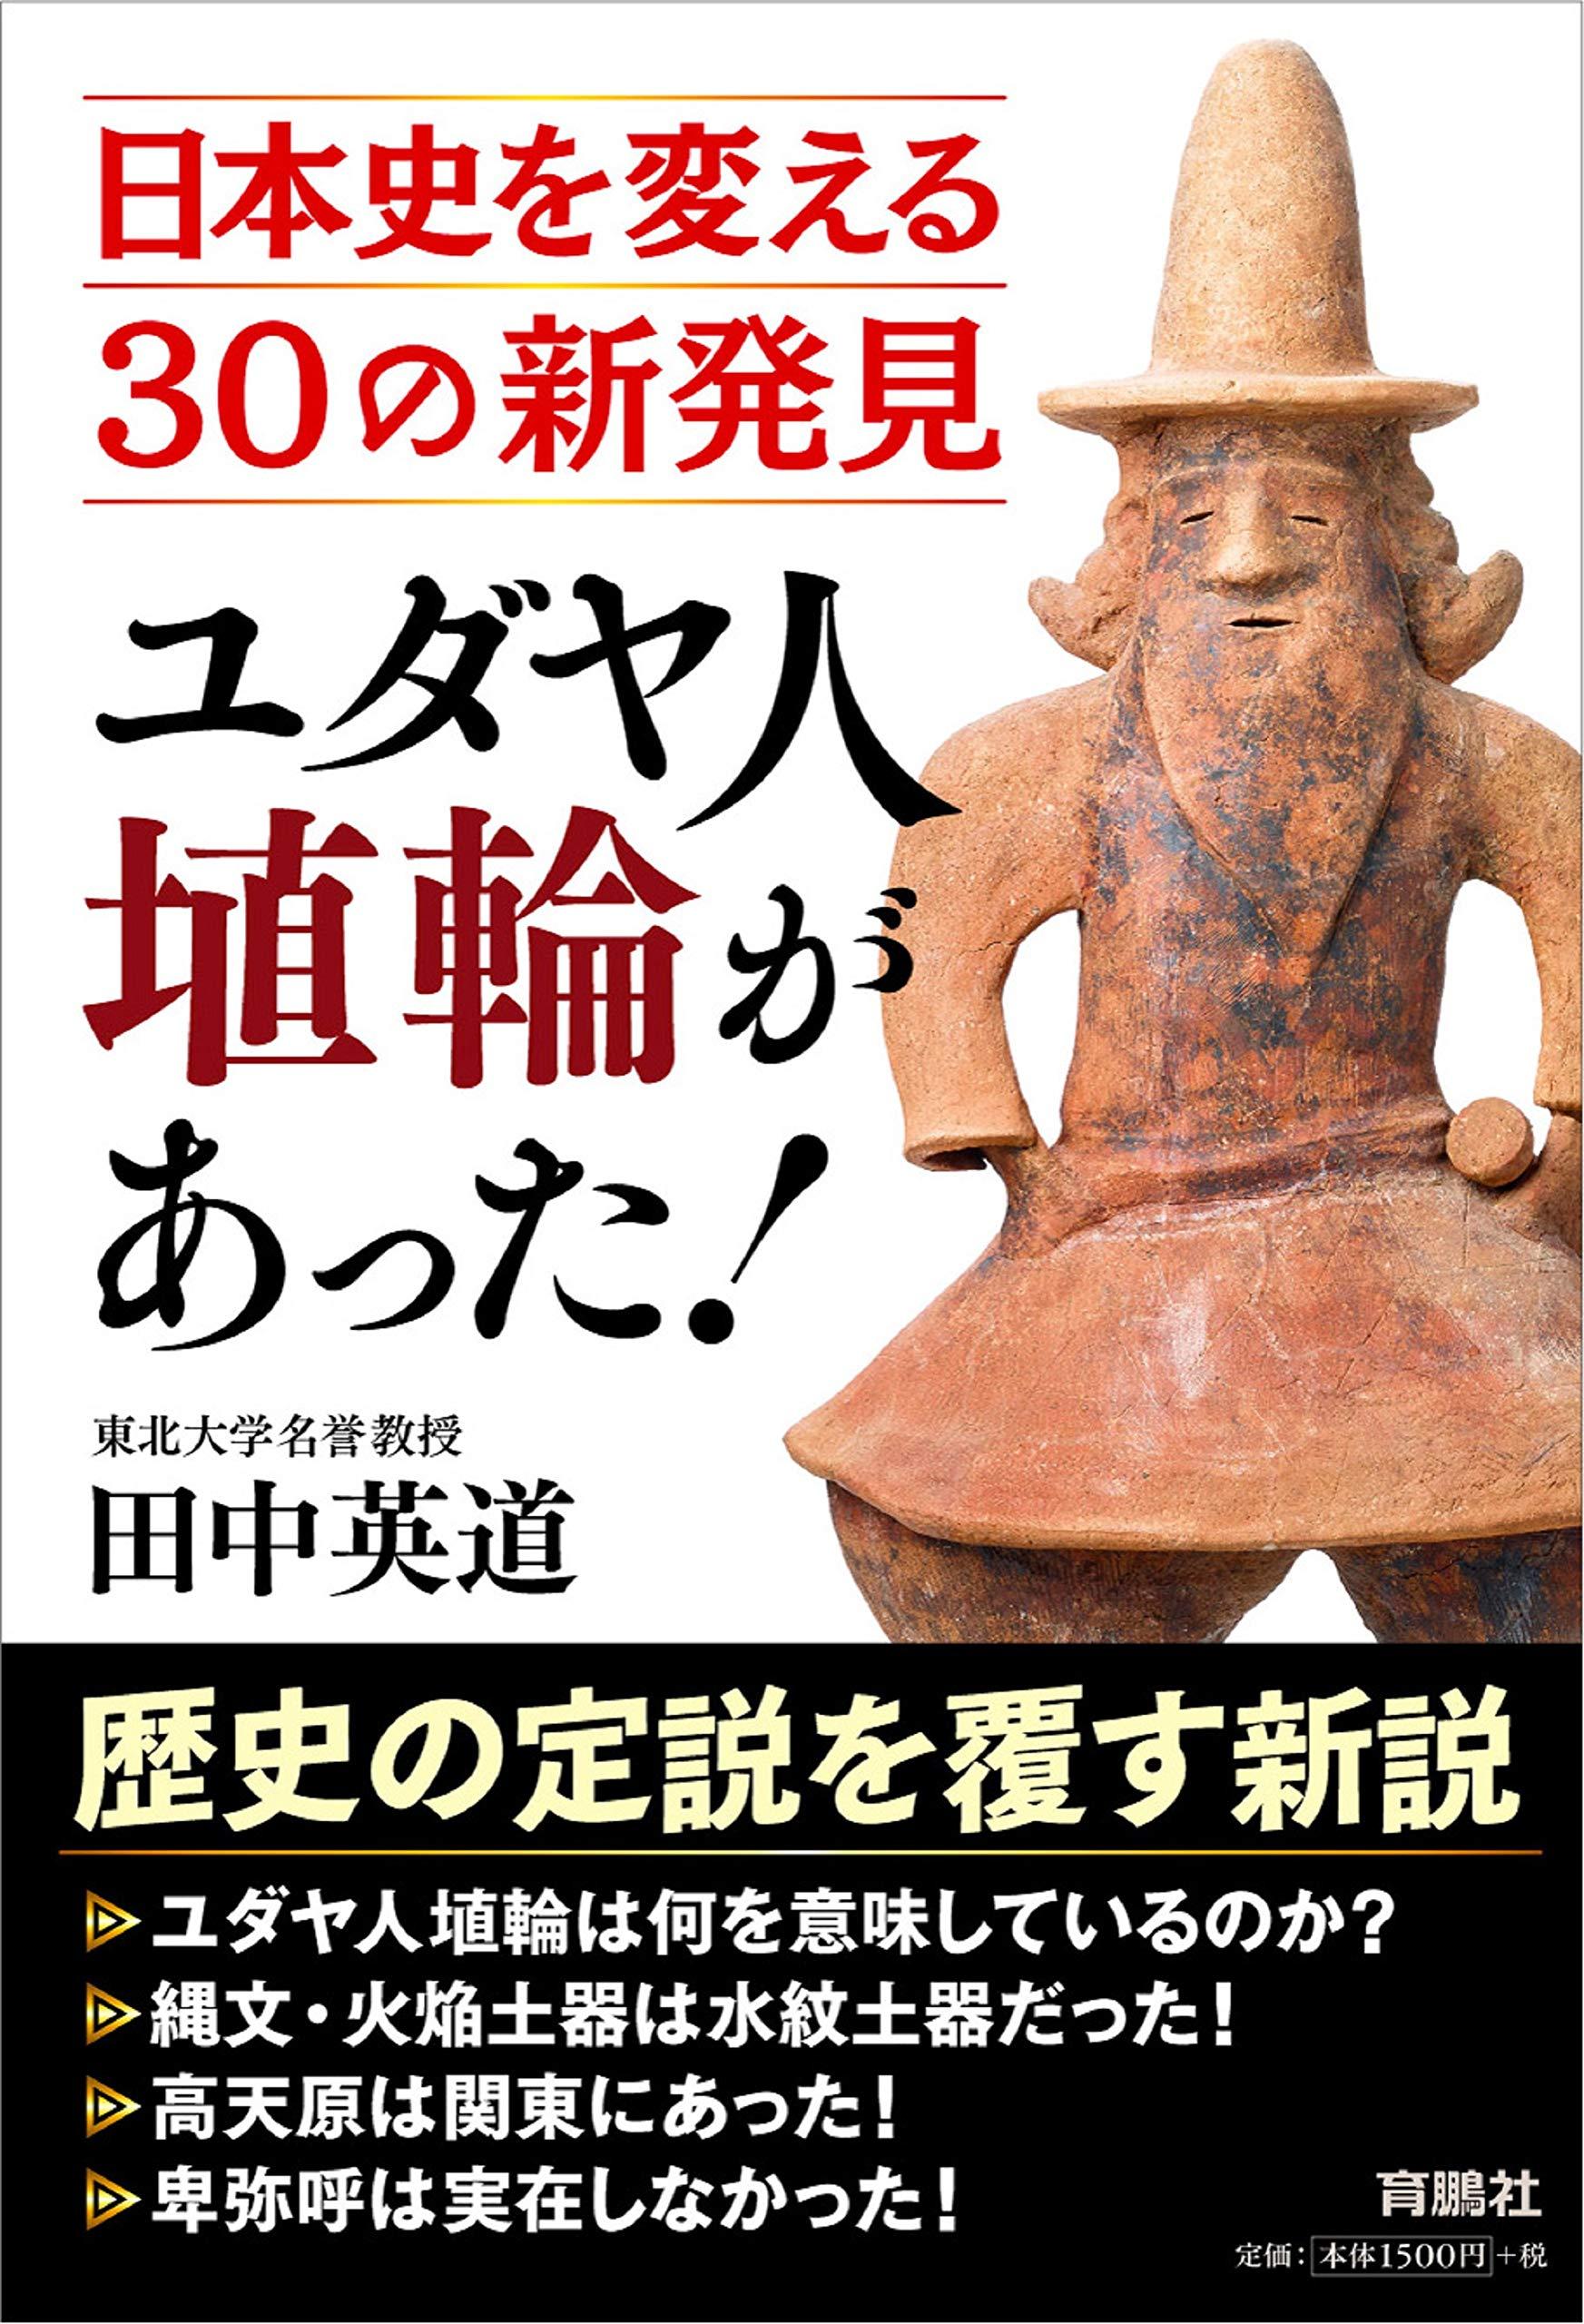 ユダヤ人埴輪があった! 日本史を変える30の新発見